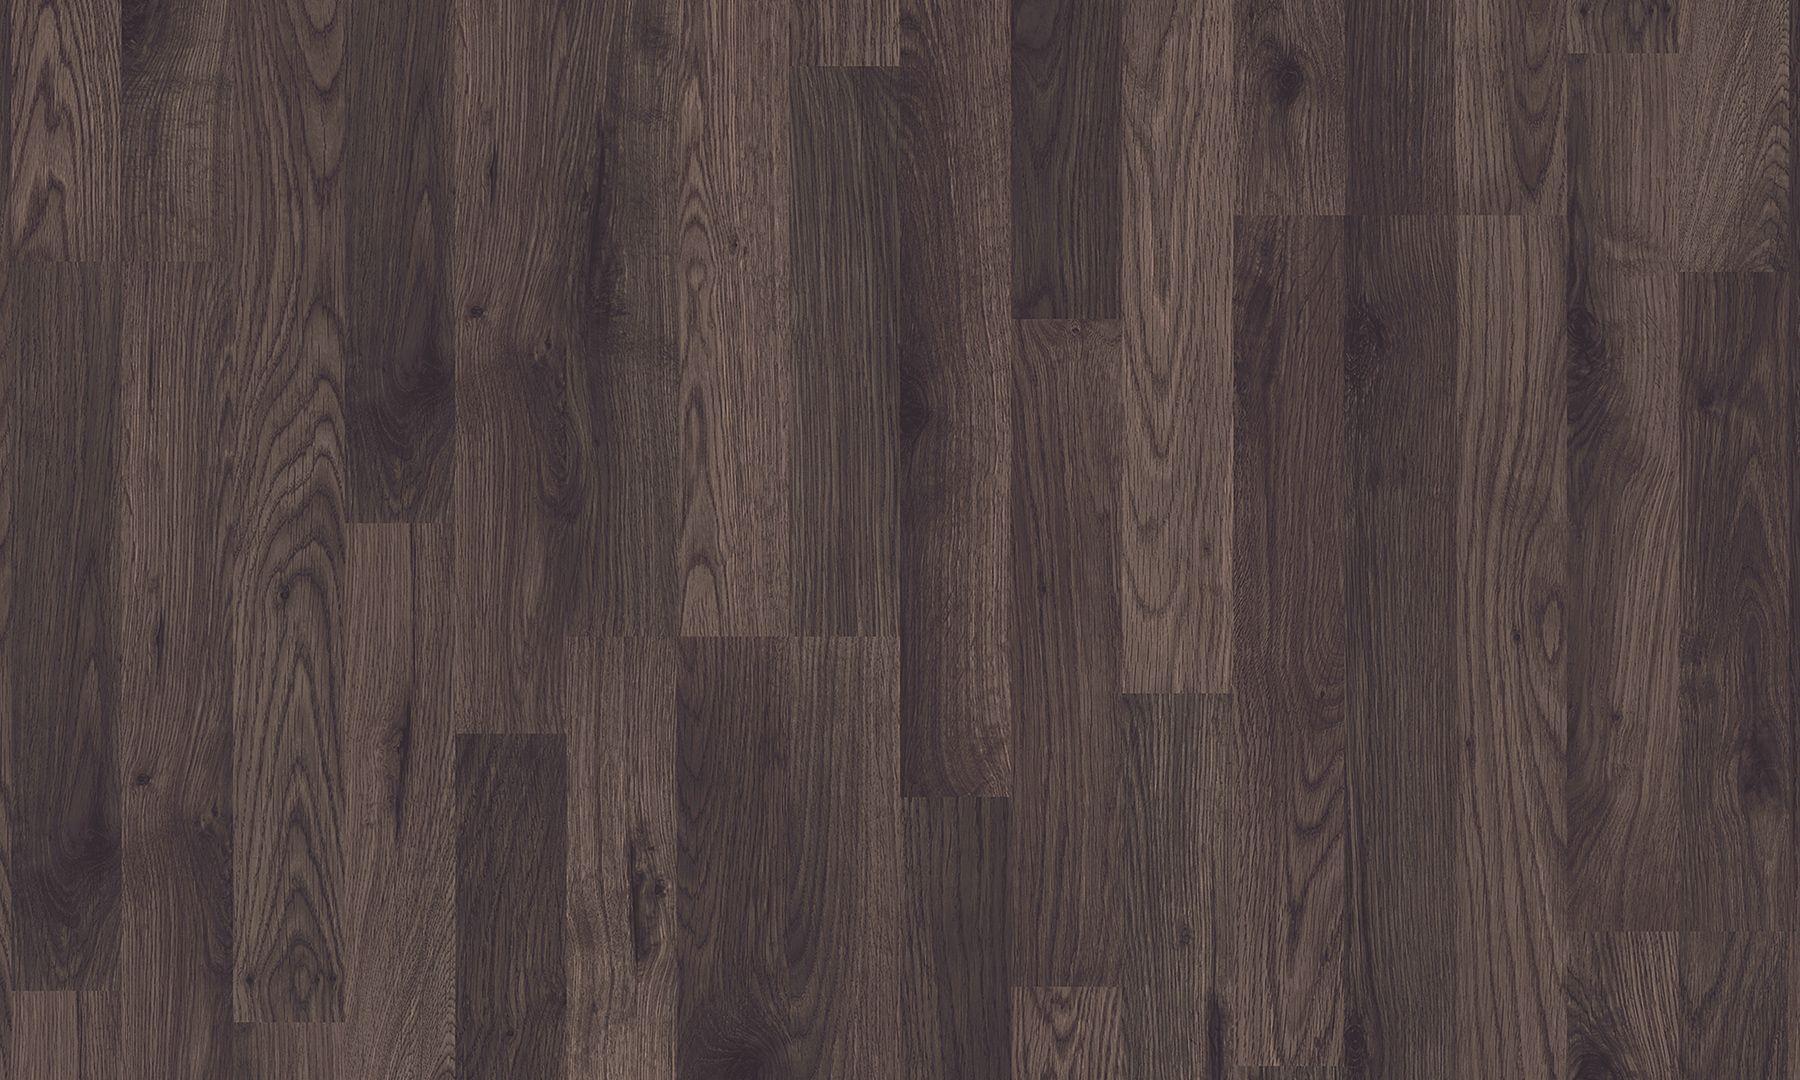 Laminate Flooring With Wood Effect Dark Brown Oak 3 Strip